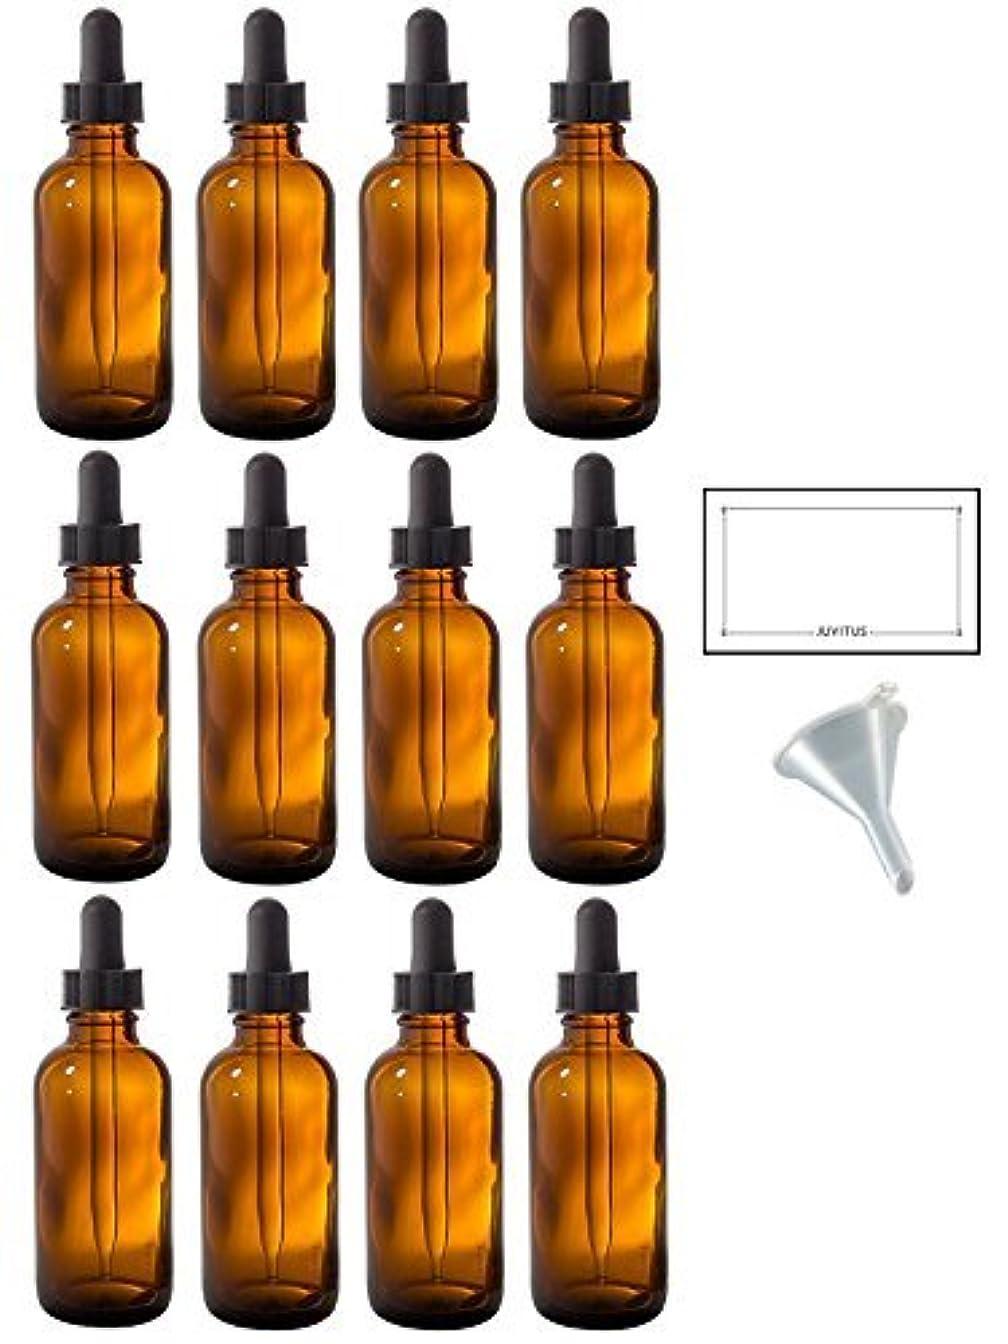 一般主張するインターネット2 oz Amber Glass Boston Round Dropper Bottle (12 pack) + Funnel and Labels for essential oils, aromatherapy, e-liquid...